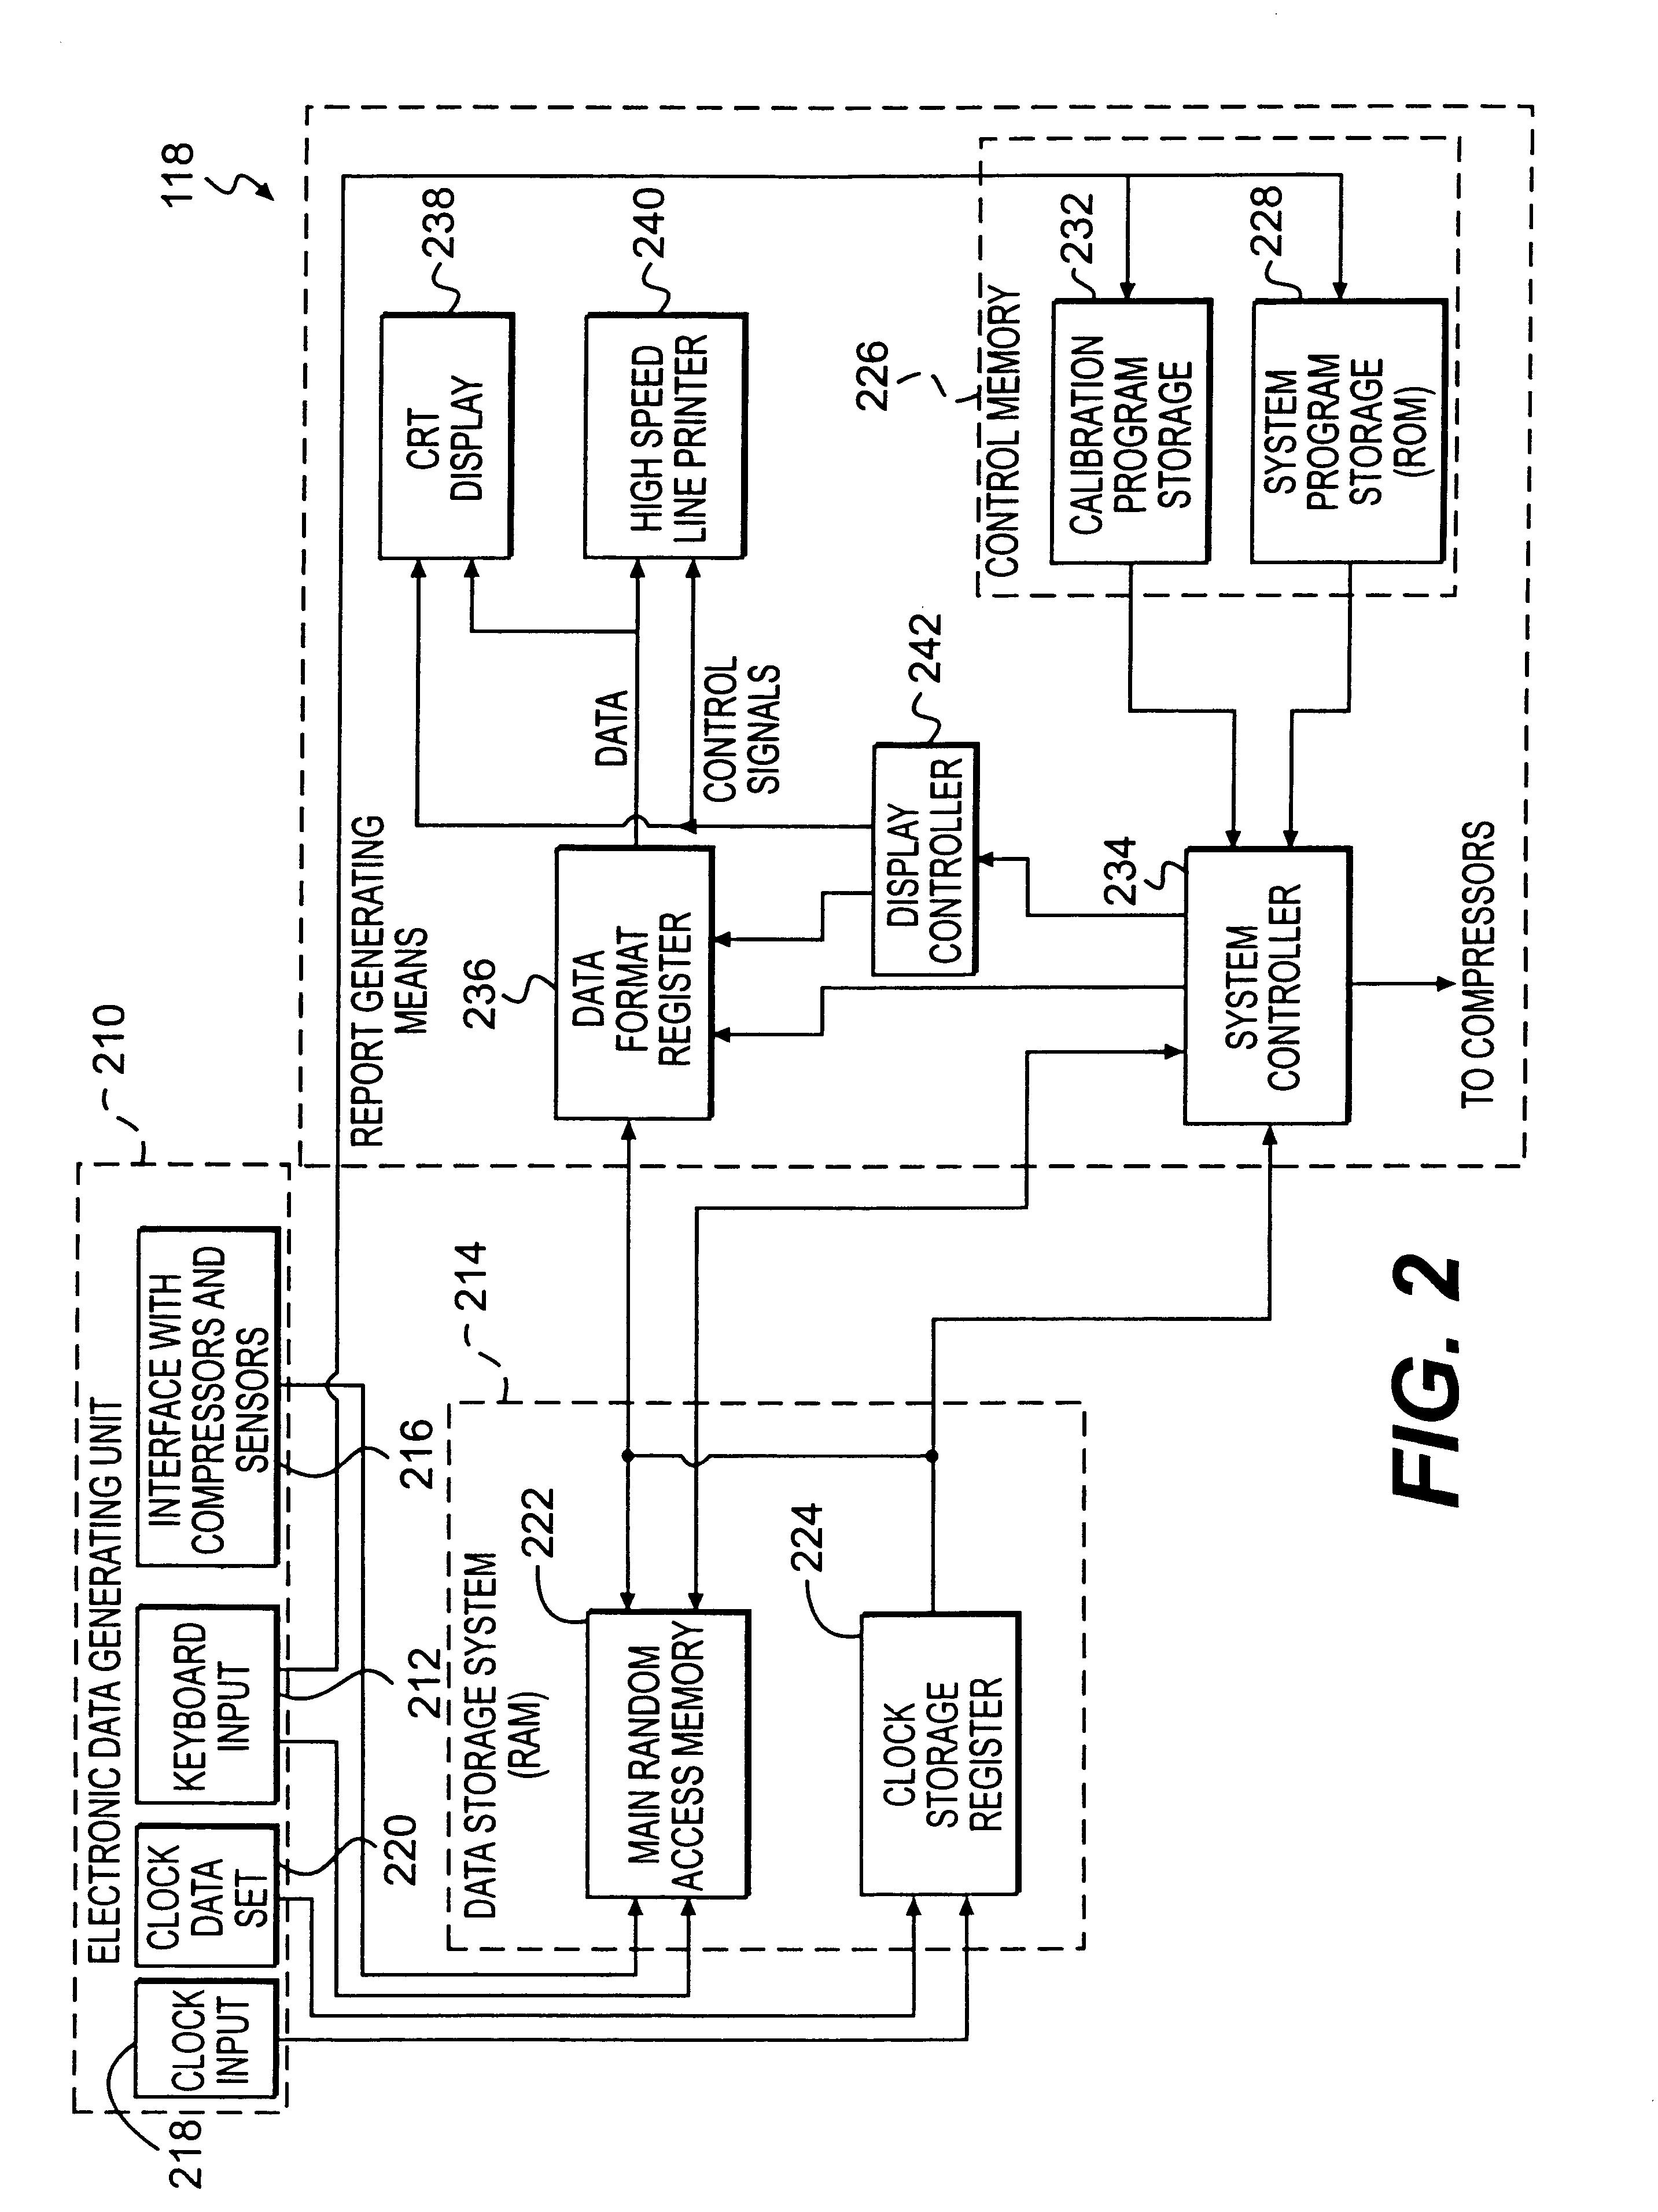 compressor wiring diagram 1978 porsche 924 ingersoll rand 185 parts a c